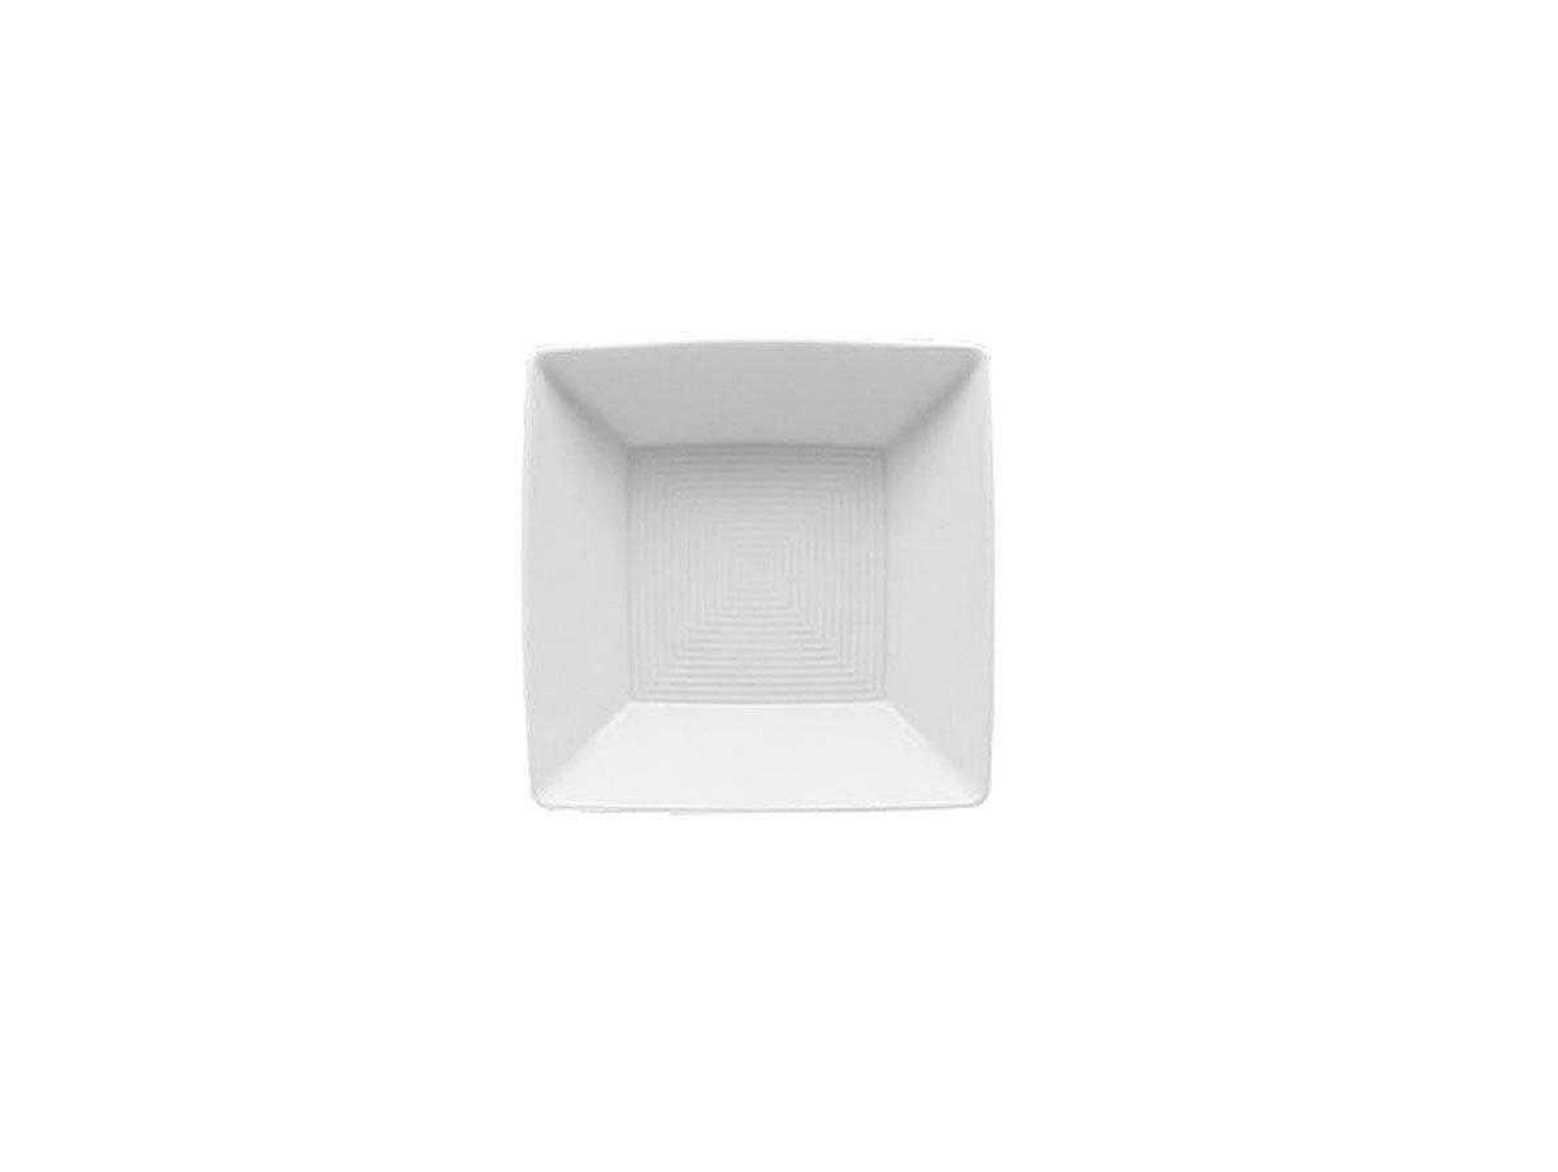 Пиала фарфоровая Rosenthal LOFT, 21х21 см, белый Rosenthal 11900-800001-13071 фото 0